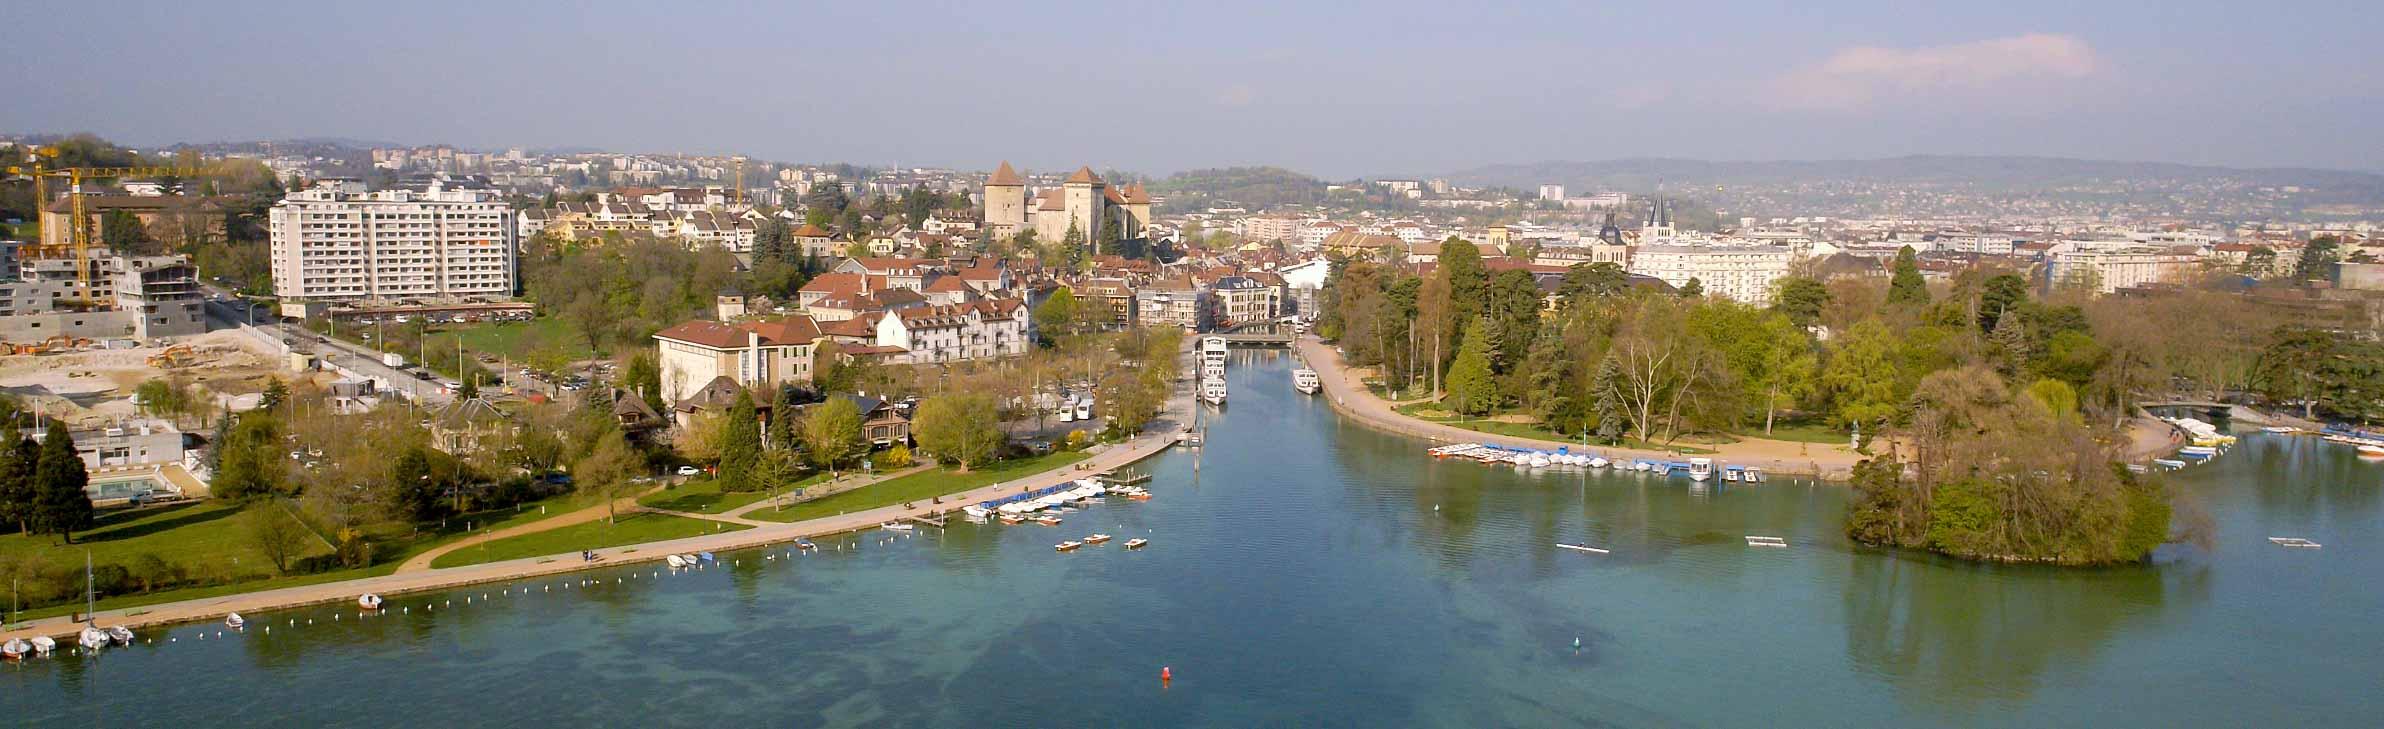 Vue aérienne d'Annecy par drone